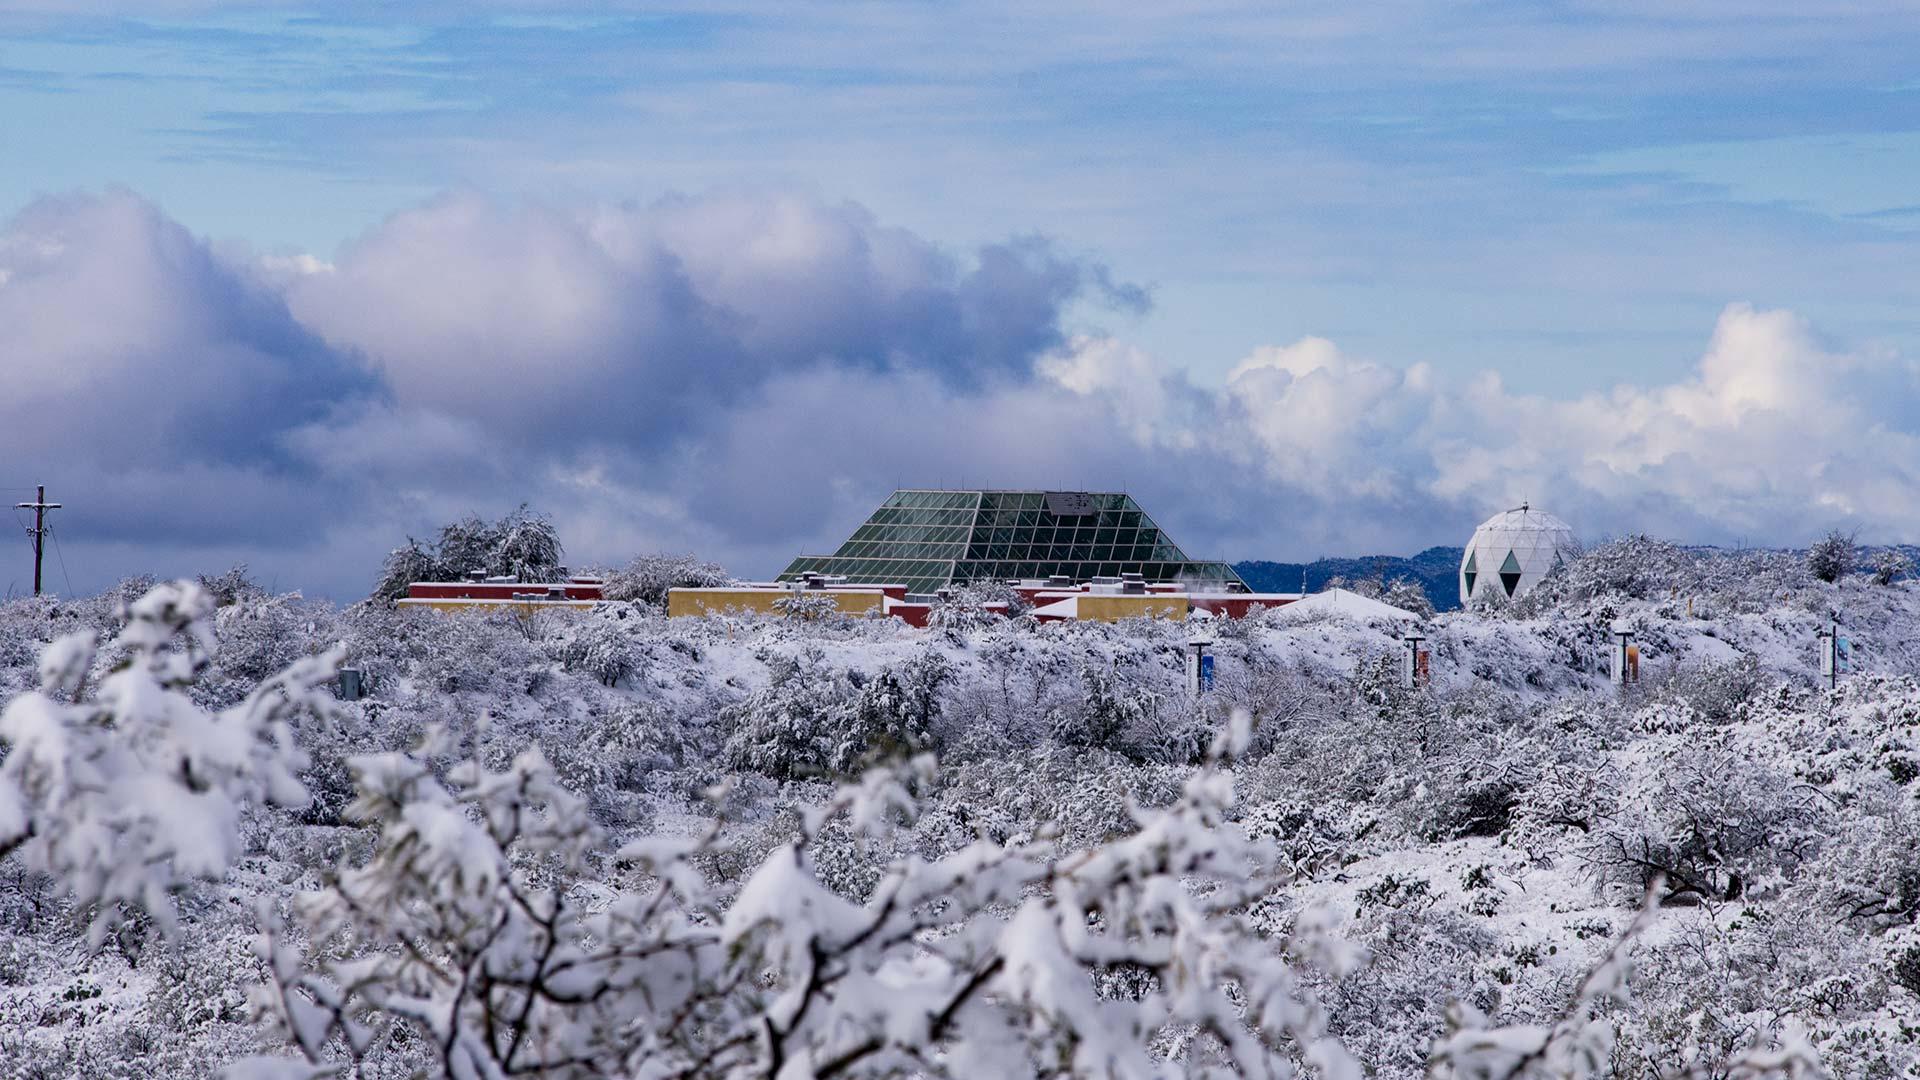 Snow biosphere